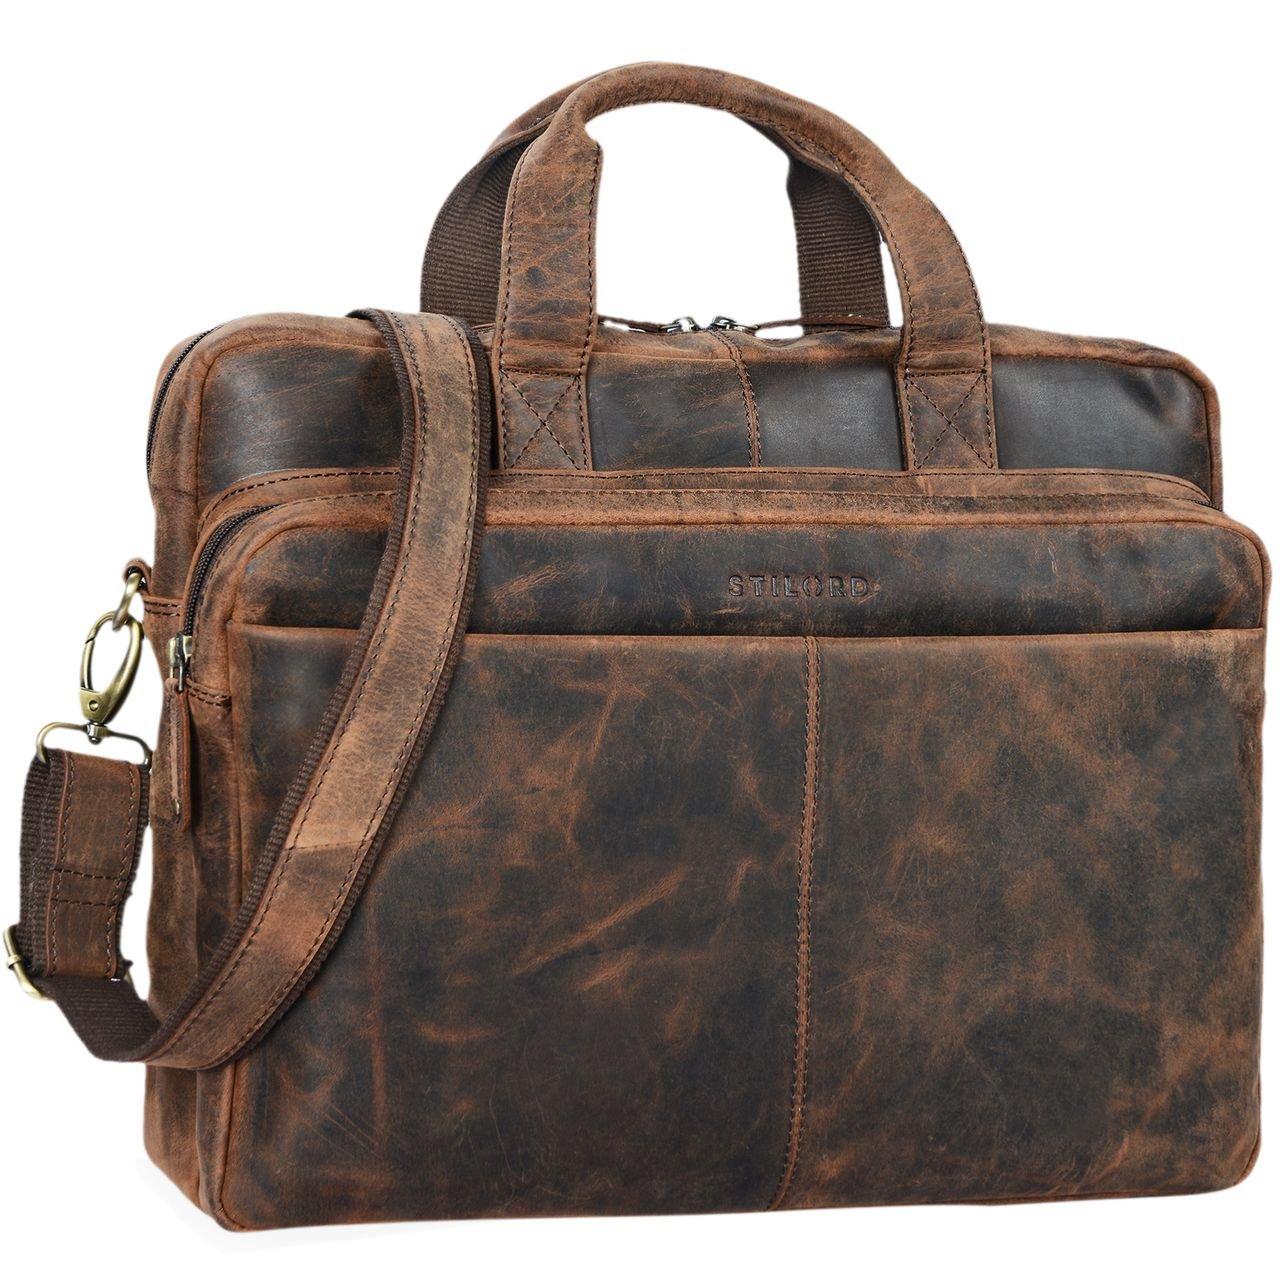 STILORD 'Verus' Vintage Ledertasche groß Aktentasche Laptoptasche Umhängetasche mit Reißverschluss und abnehmbaren Schultergurt Lehrertasche Leder, Farbe:brandy - braun